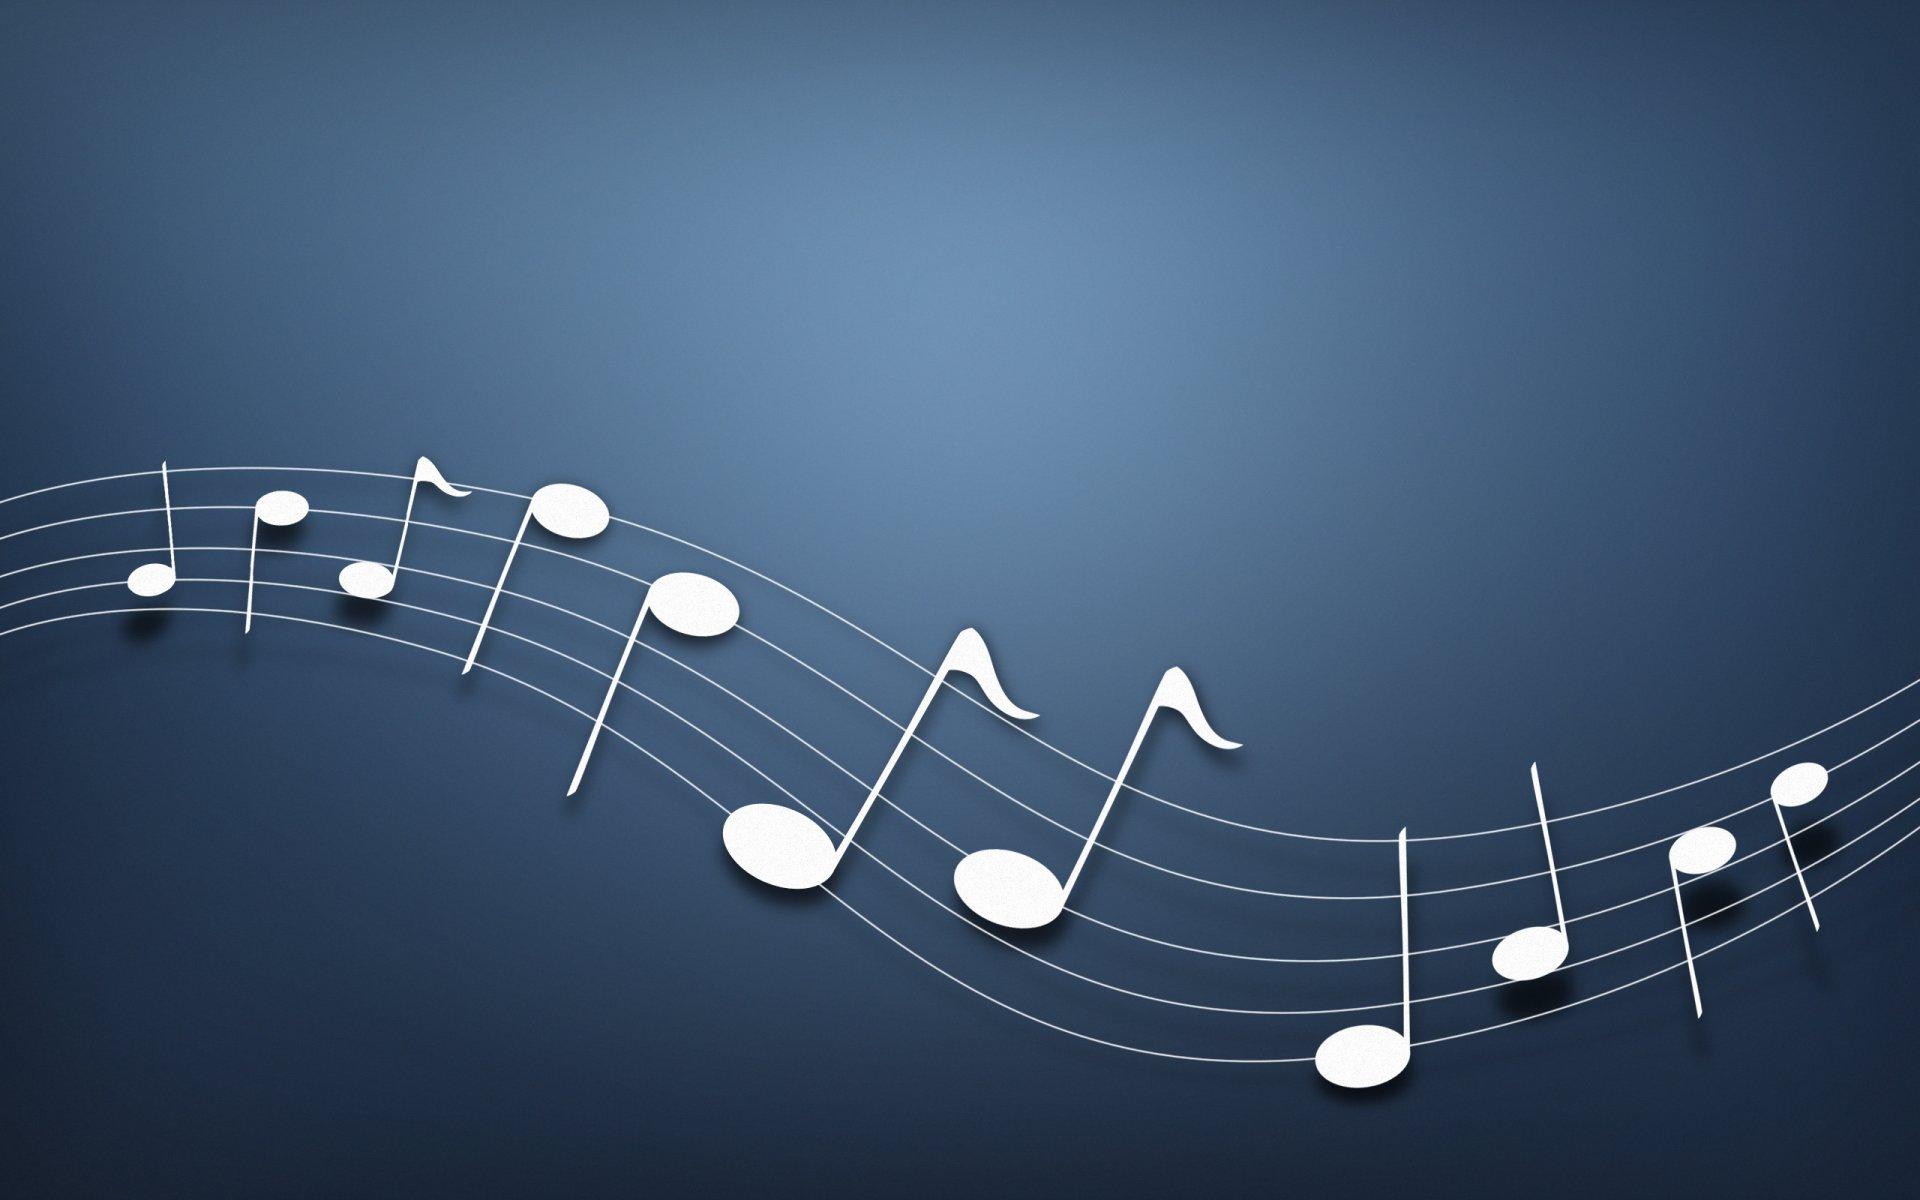 материалы мелодии на телефон красивые без слов дистанционные гонки